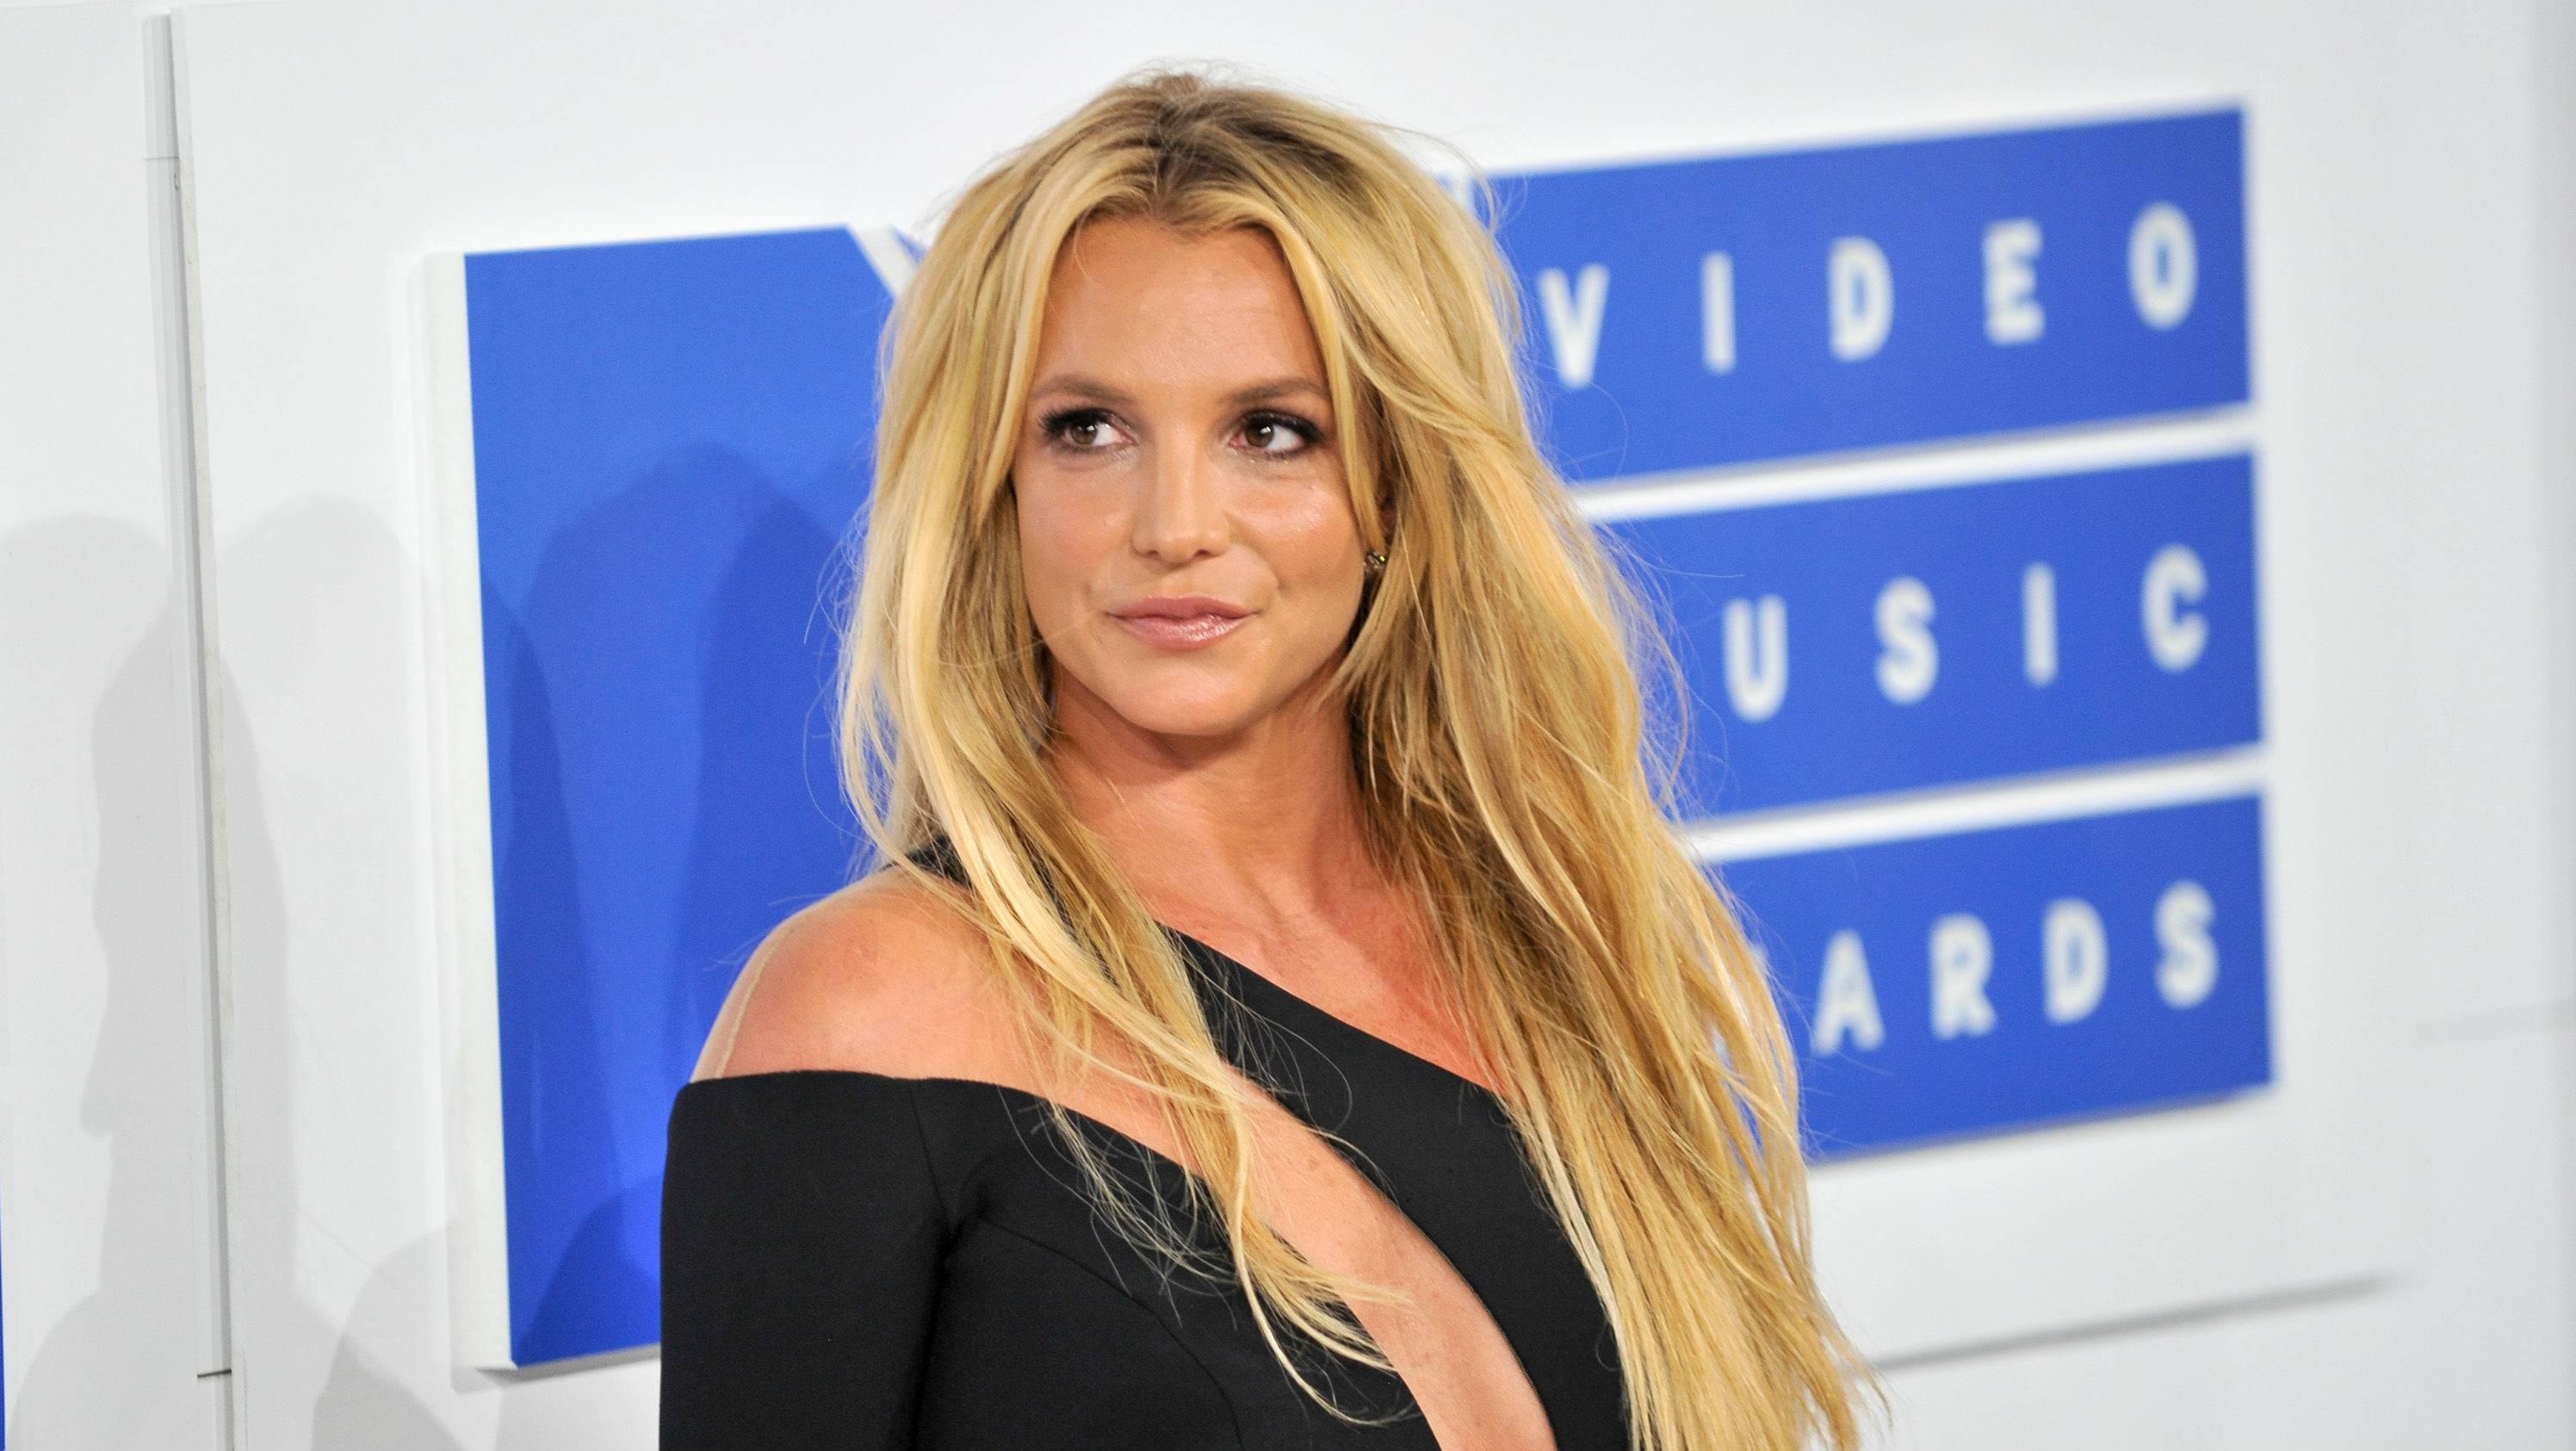 Britney lefogyott. Hogyan fogyott Britney Spears? A Britney Spears diéta lényege